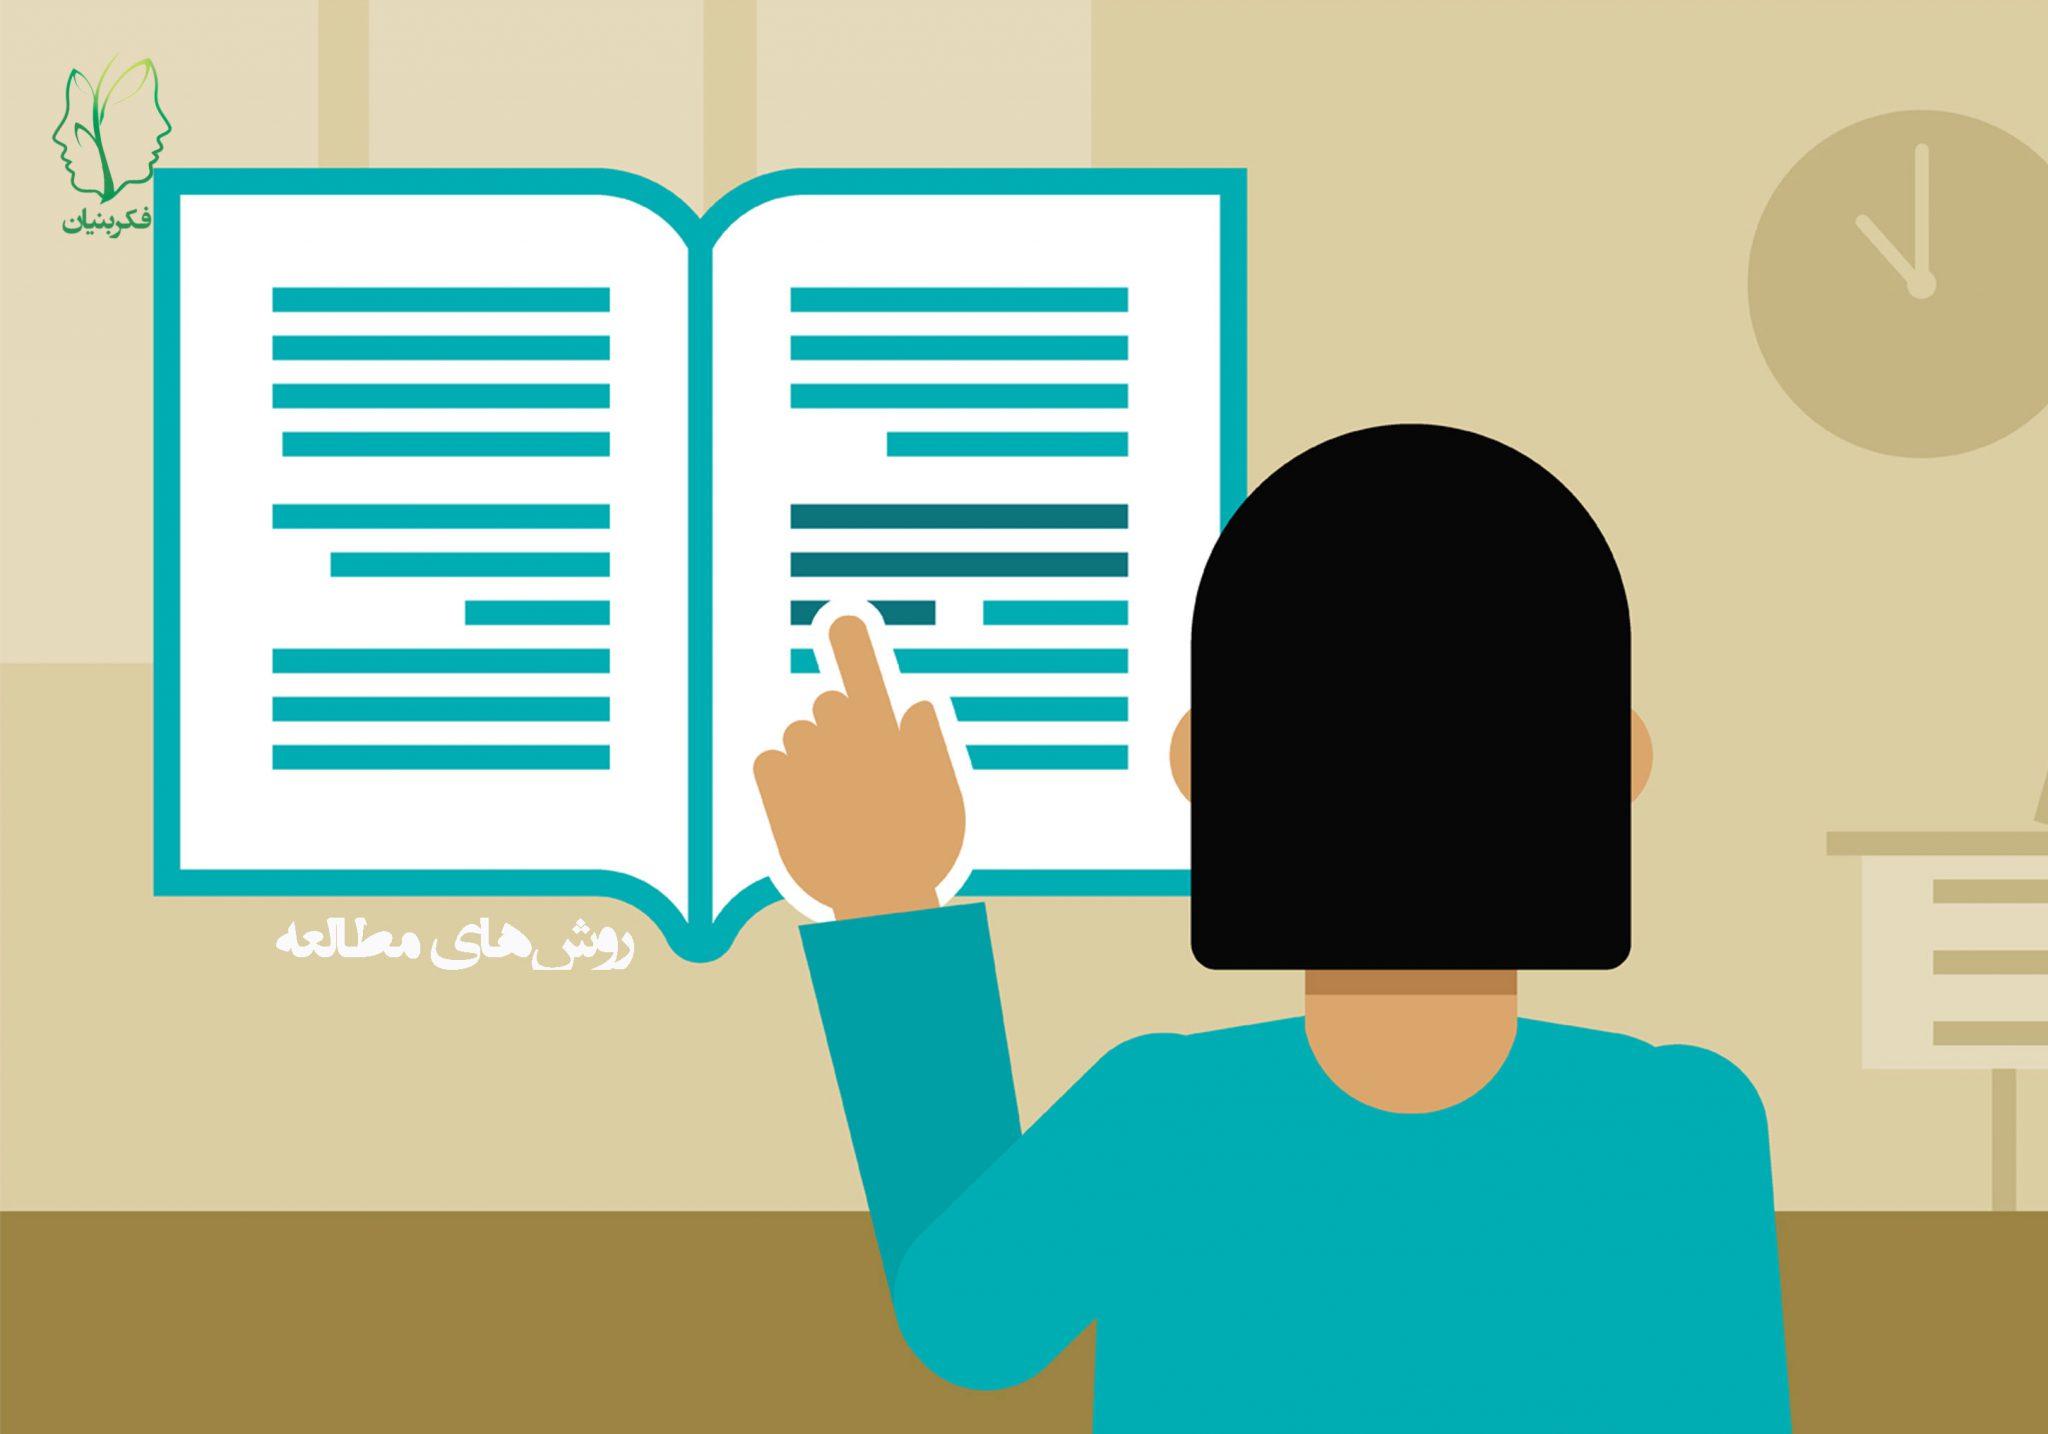 آشنایی با روش های مطالعه دروس دانشگاهی - روش پس ختام یا PQ4R